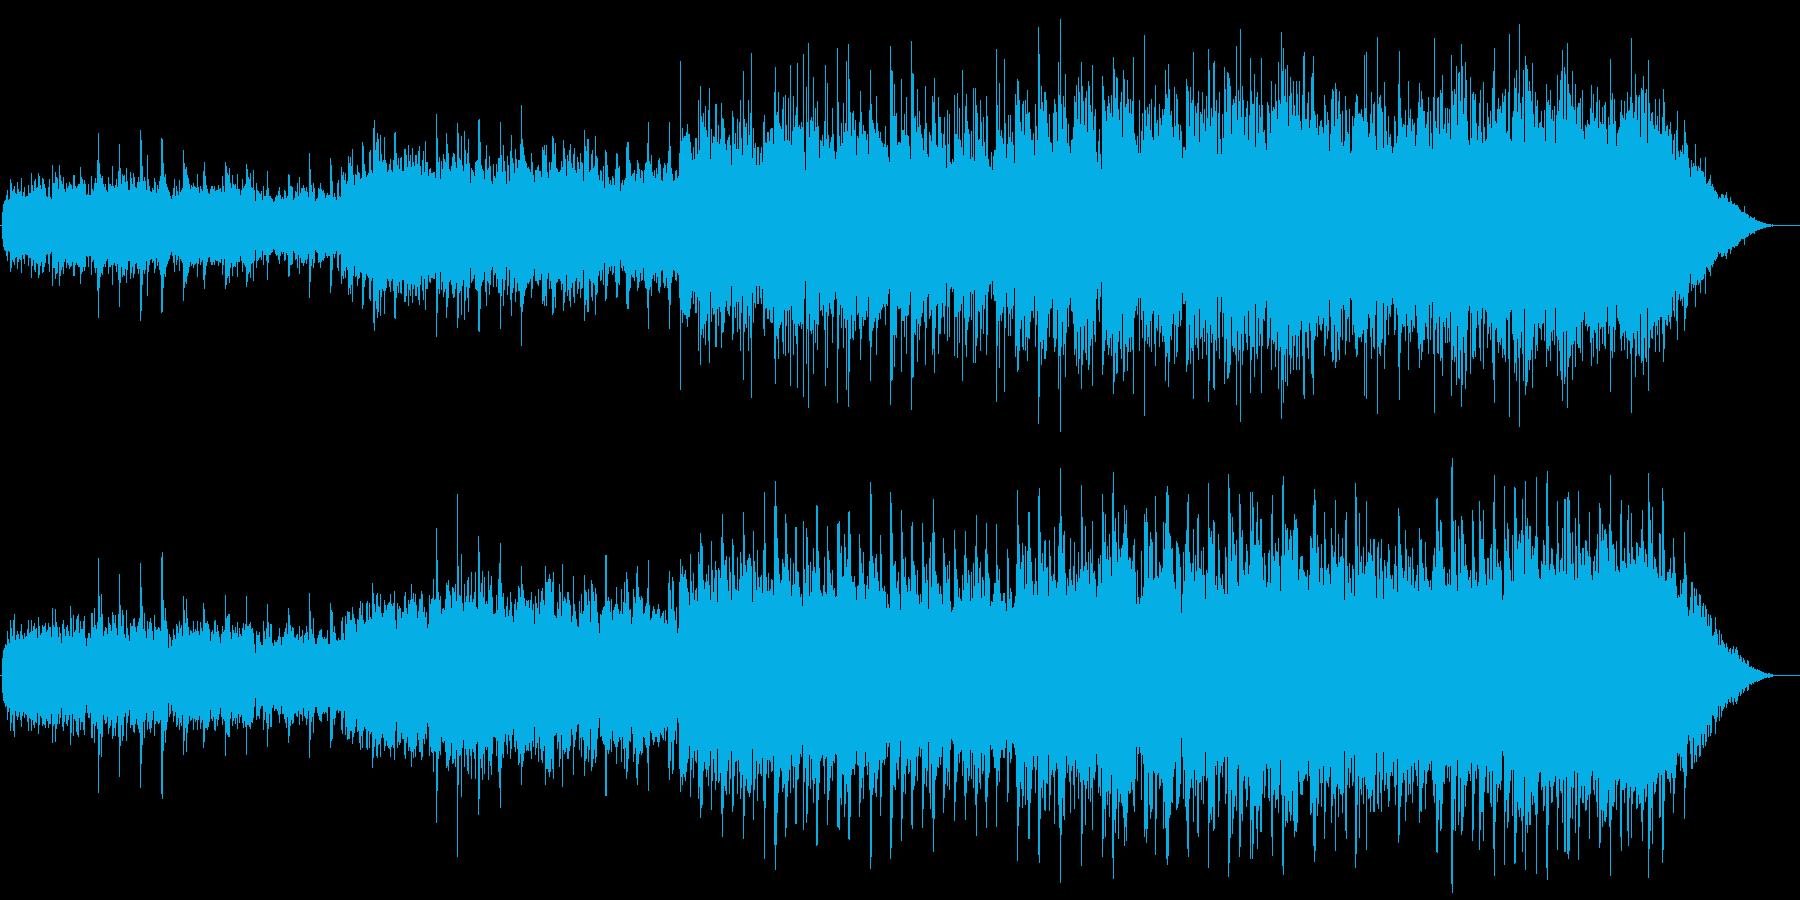 ギターストロークによるキラキラした世界の再生済みの波形